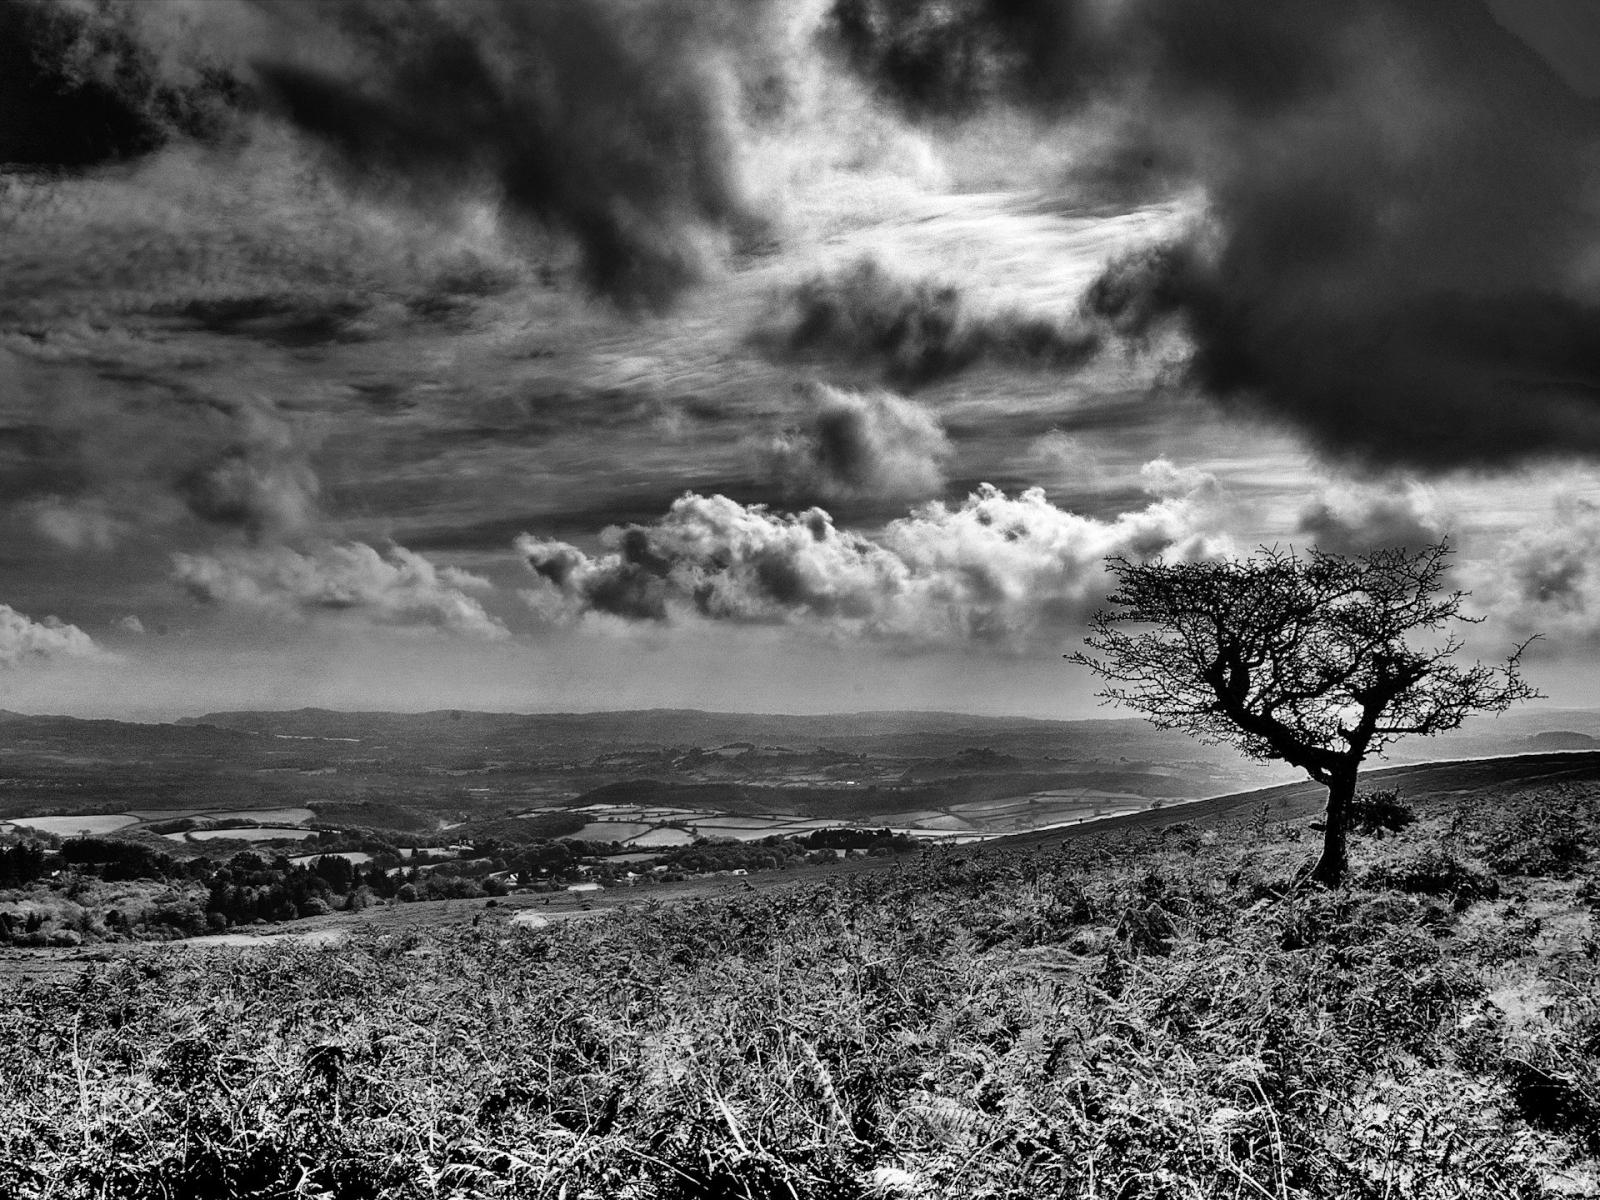 Скачать картинку Пейзаж, Деревья, Трава, Небо в телефон бесплатно.